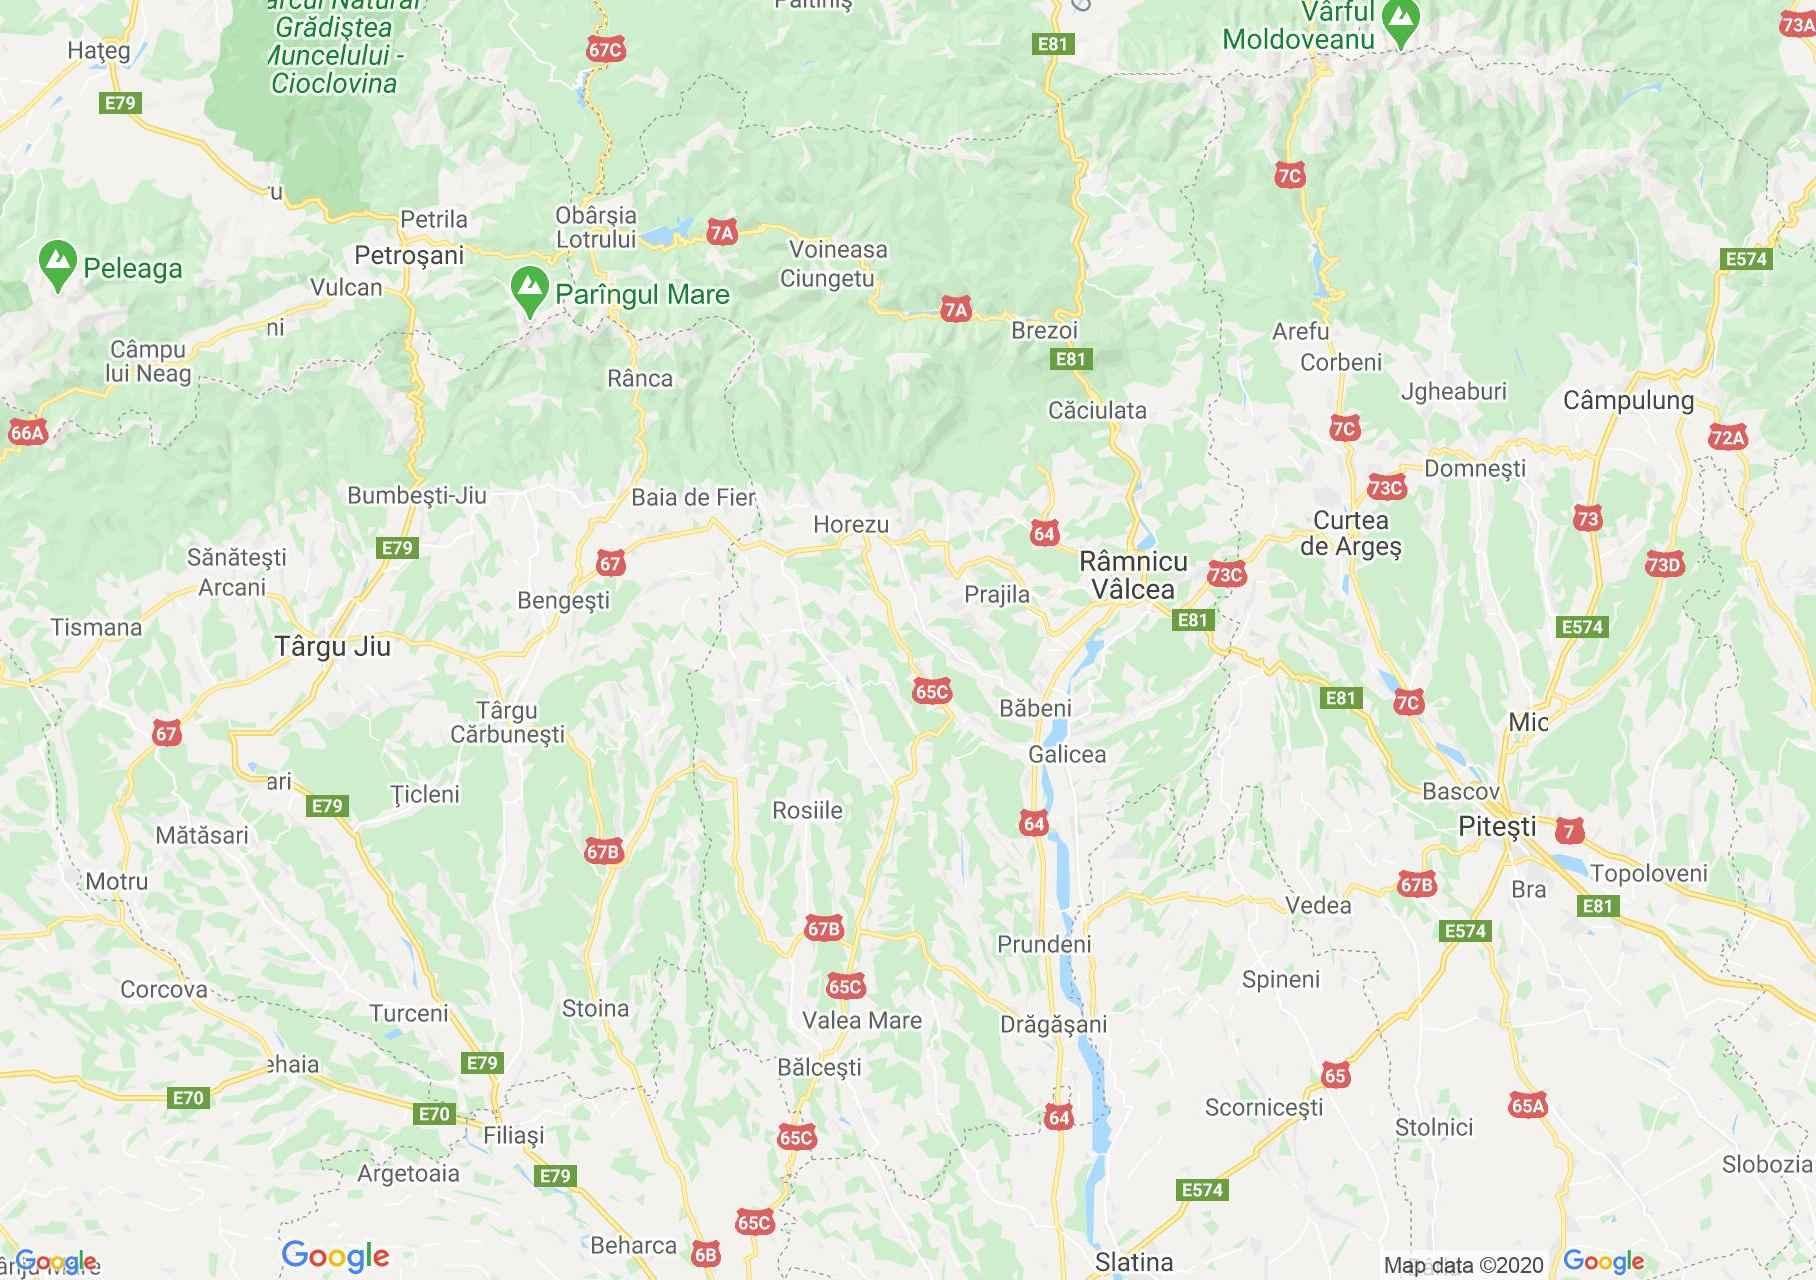 Valcea megye: (Ramnicu Valcea) interaktív turista térképe.